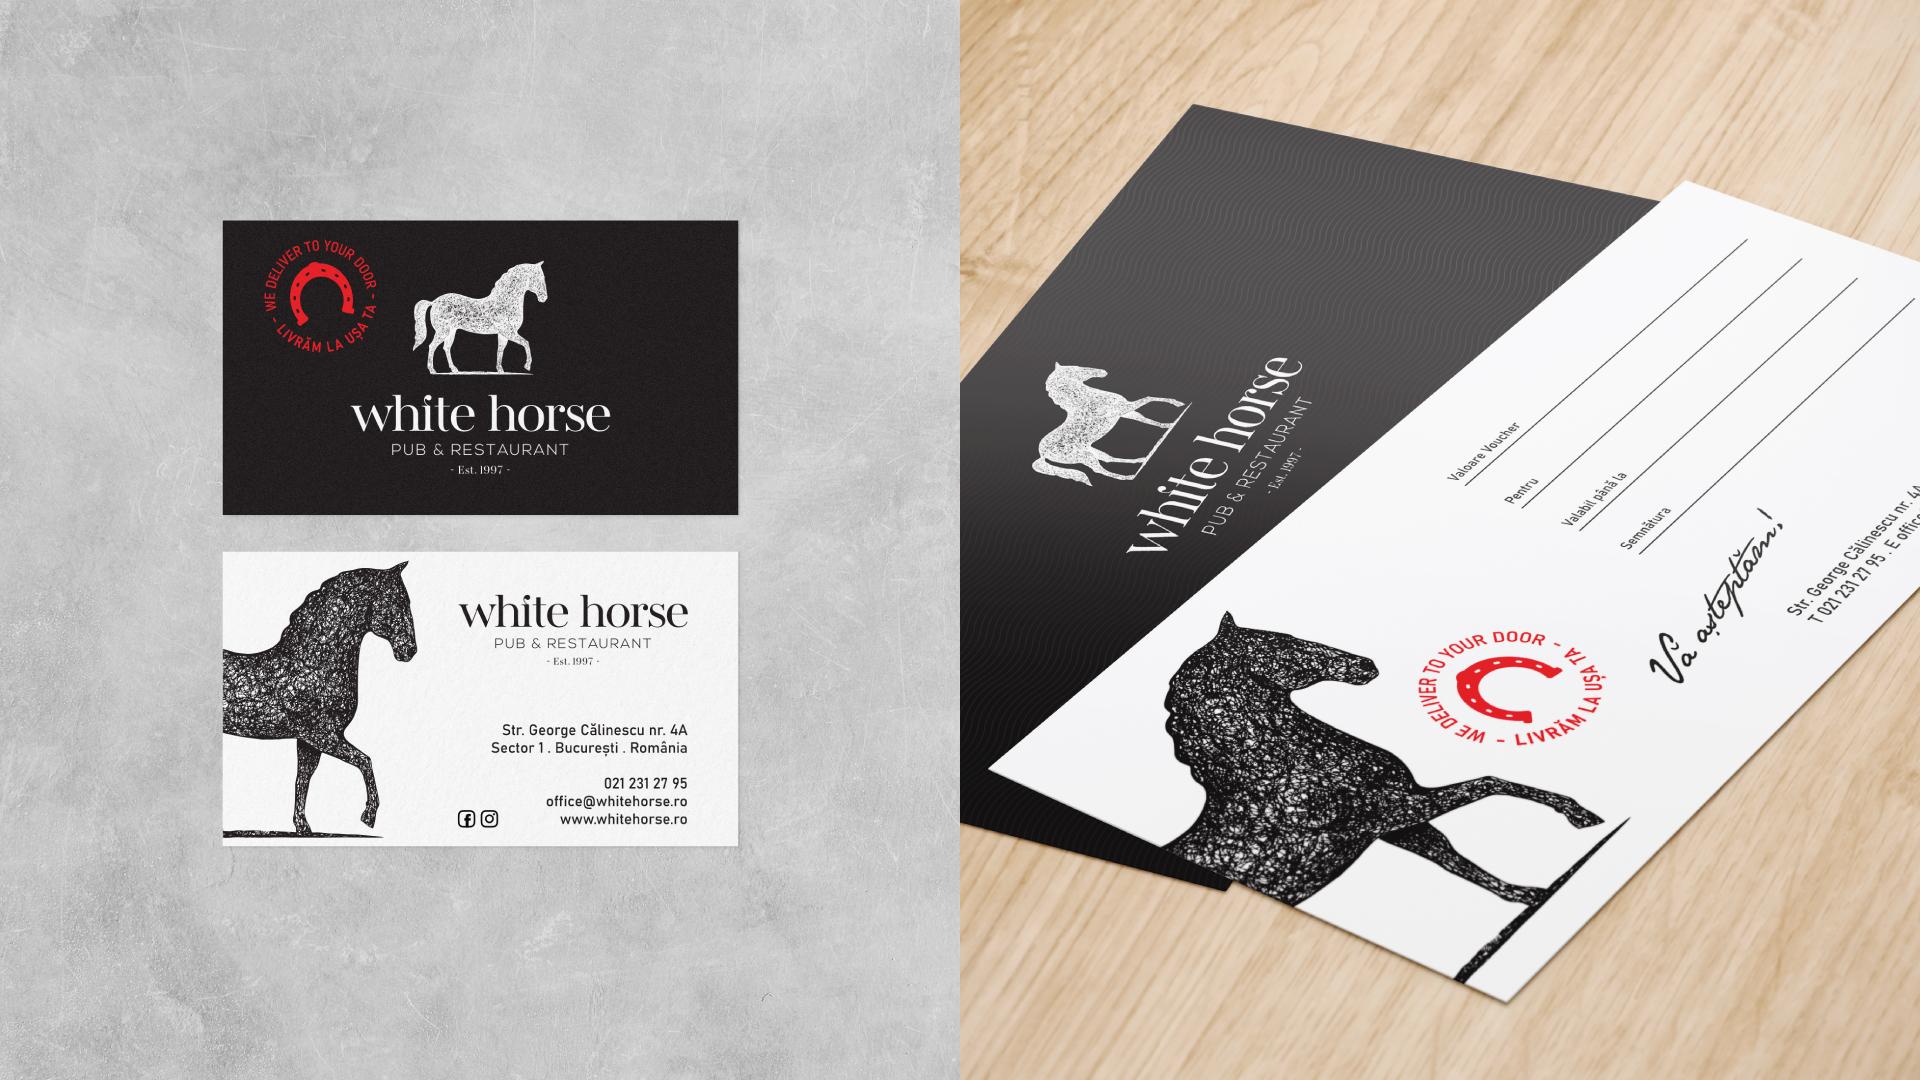 Pillow Design - White Horse Restaurant